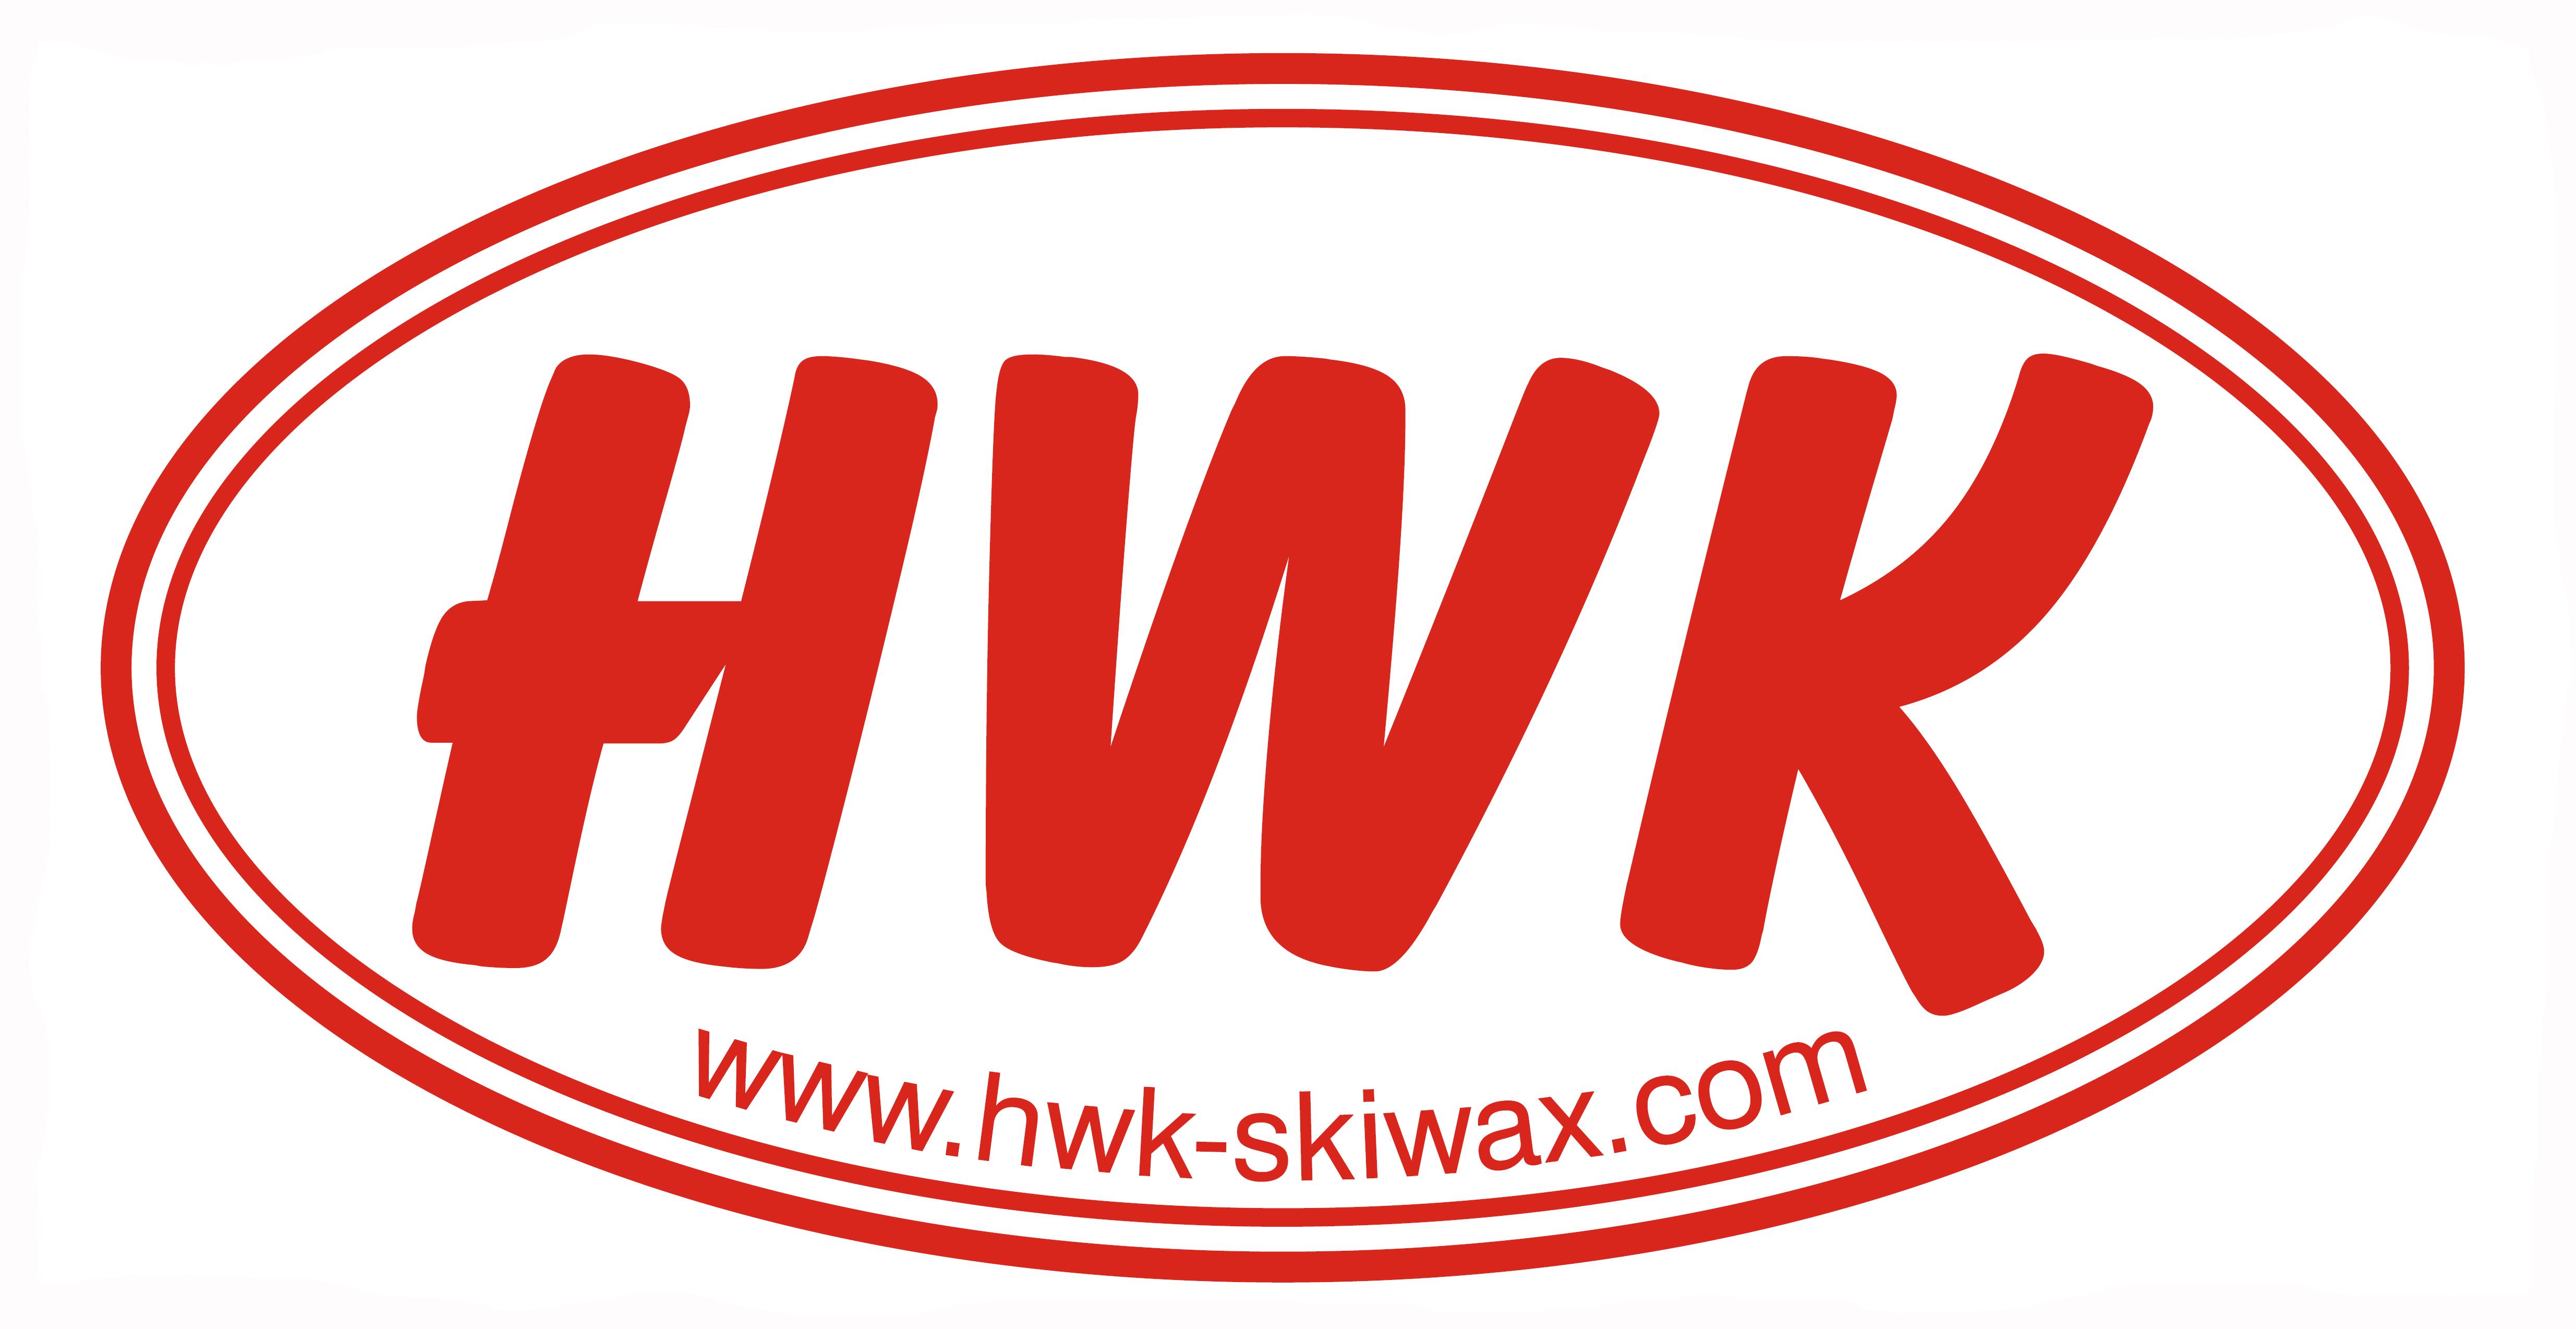 HWK Wax